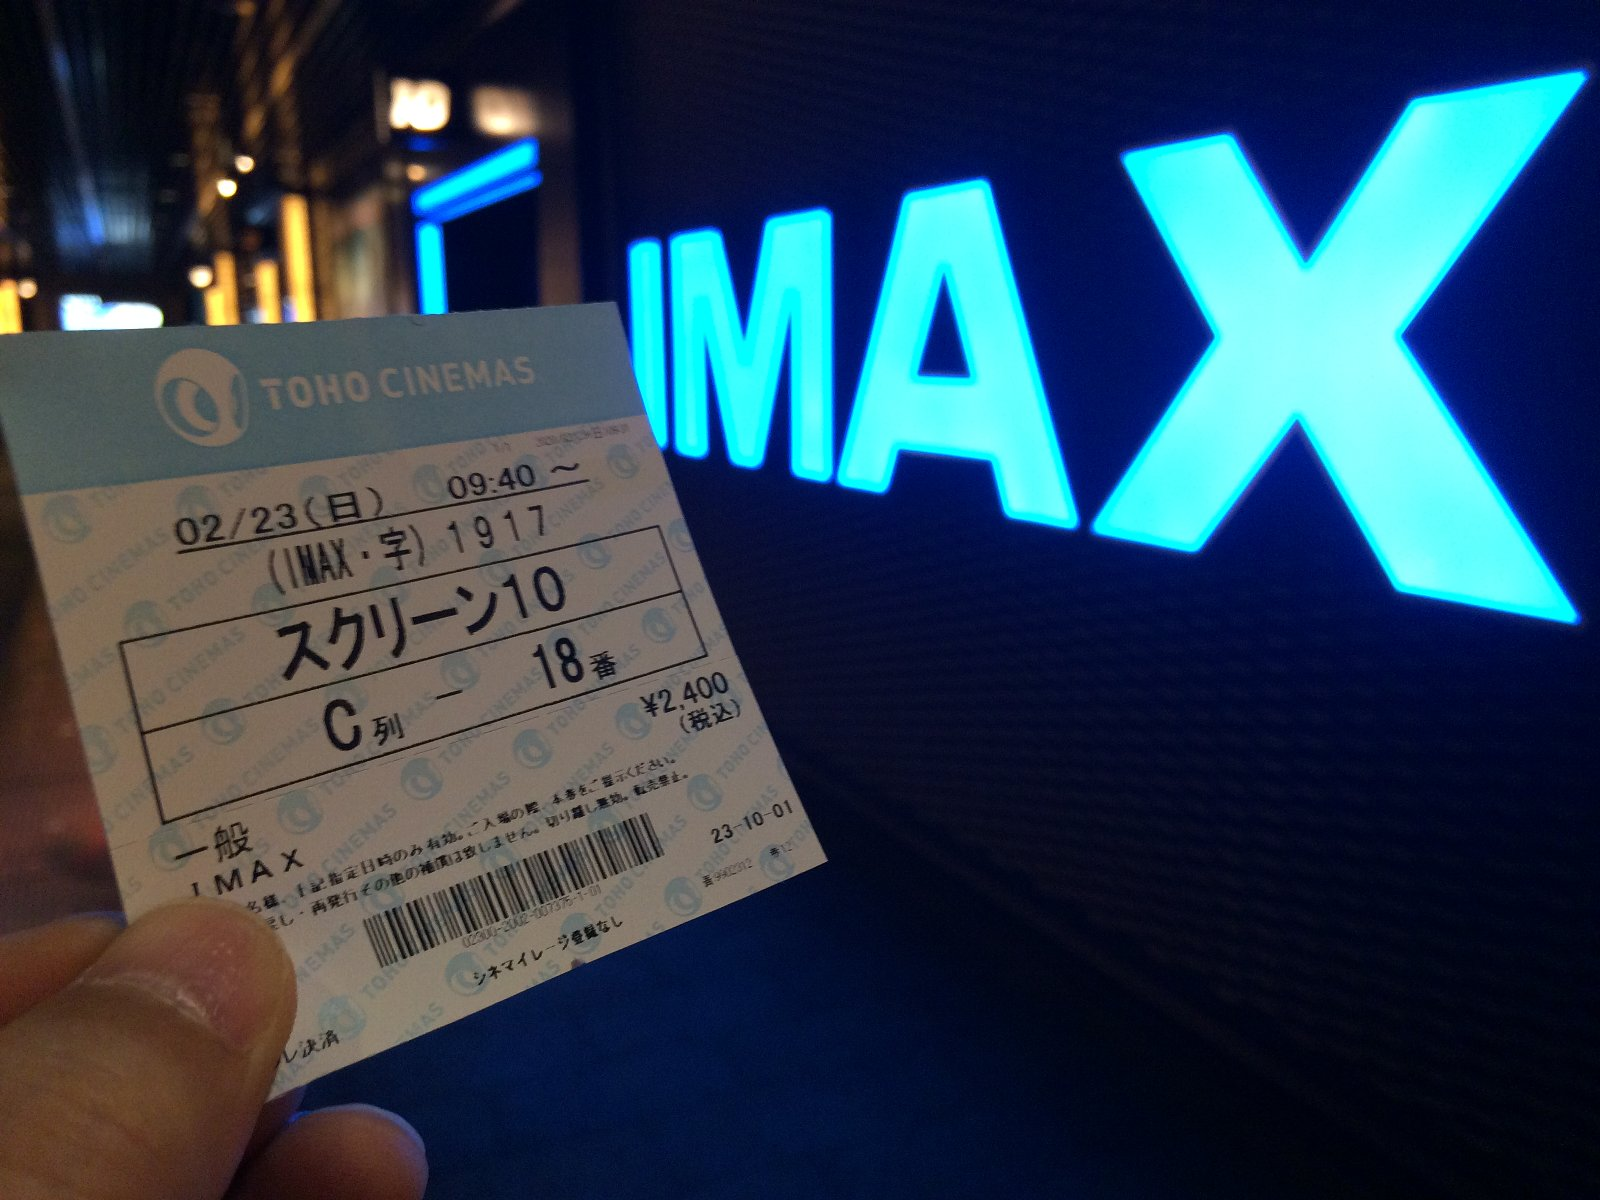 20200223『1917』IMAXチケット